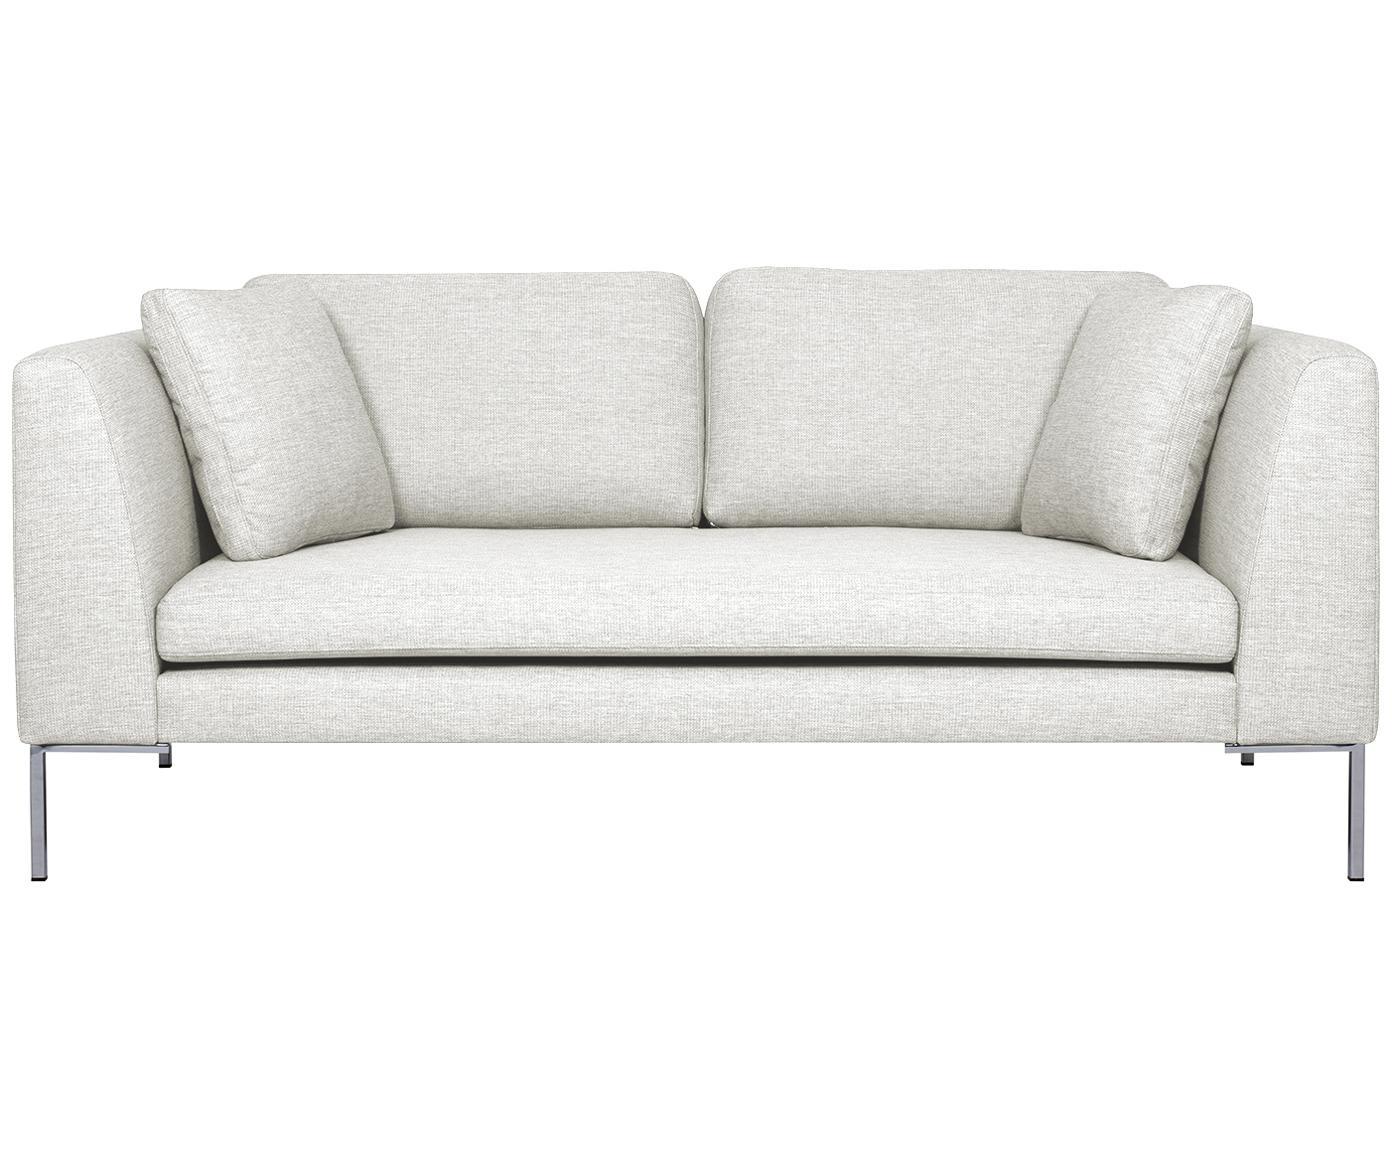 Sofa Emma (2-Sitzer), Bezug: Polyester 100.000 Scheuer, Gestell: Massives Kiefernholz, Füße: Metall, galvanisiert, Webstoff Cremeweiß, Füße Silber, B 194 x T 100 cm